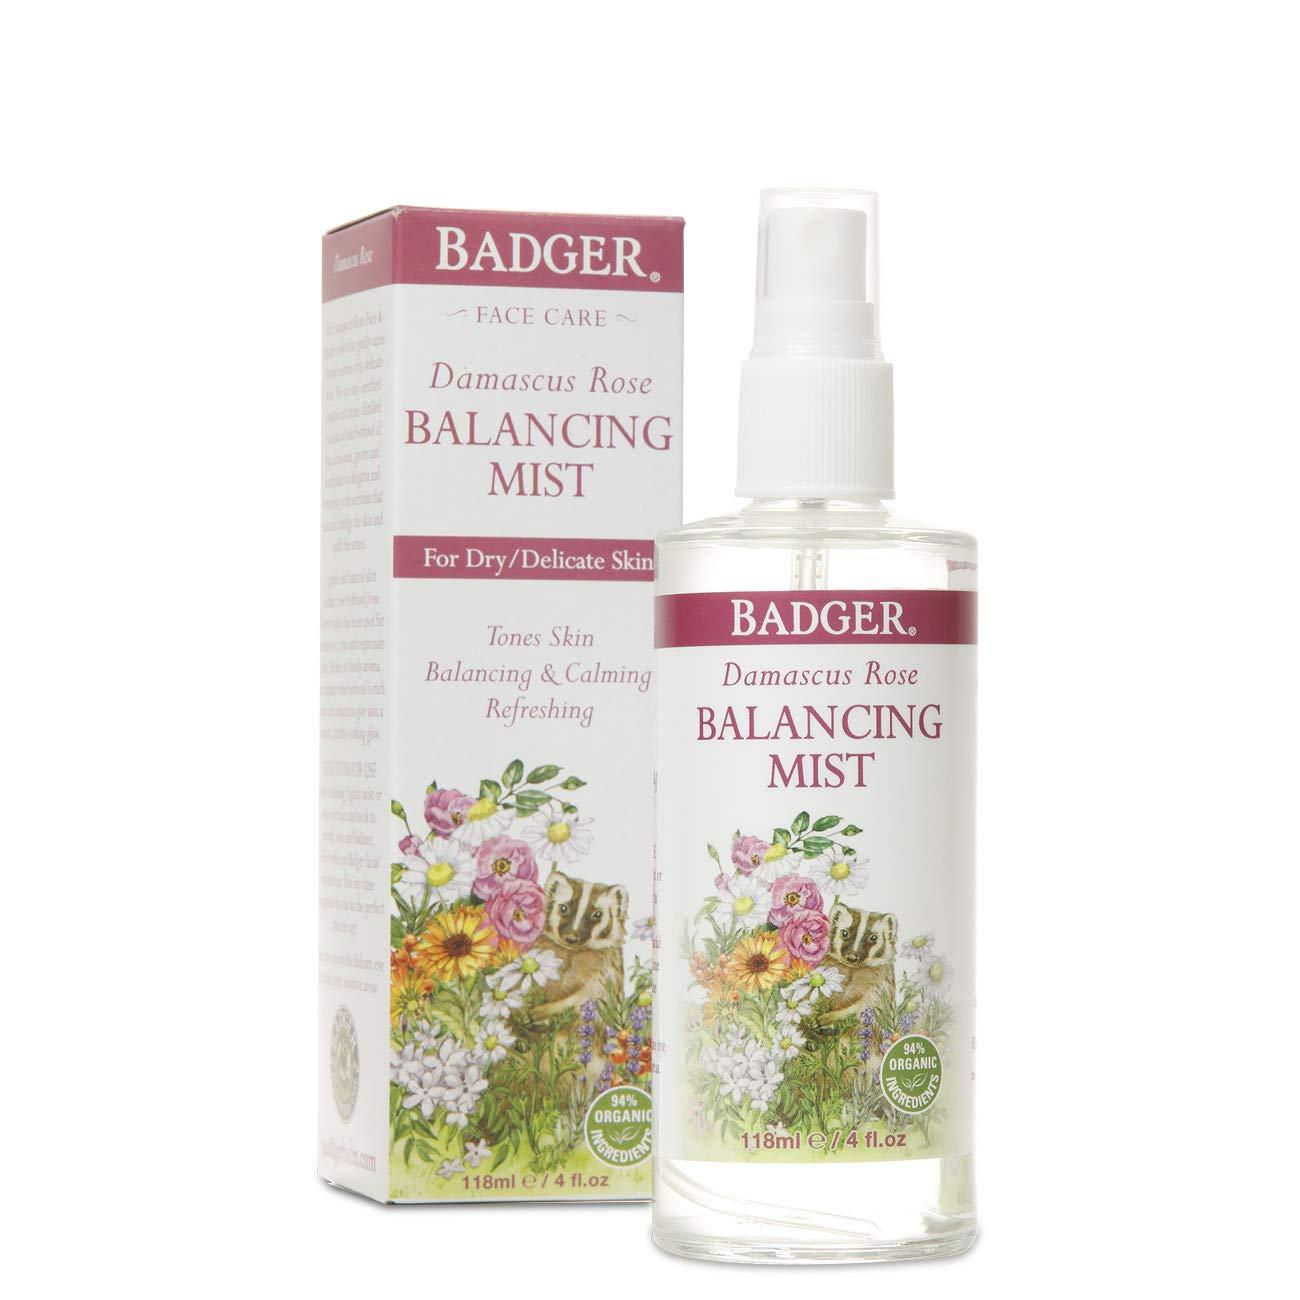 Badger - Damascus Rose Balancing Mist, 4 oz Bottle